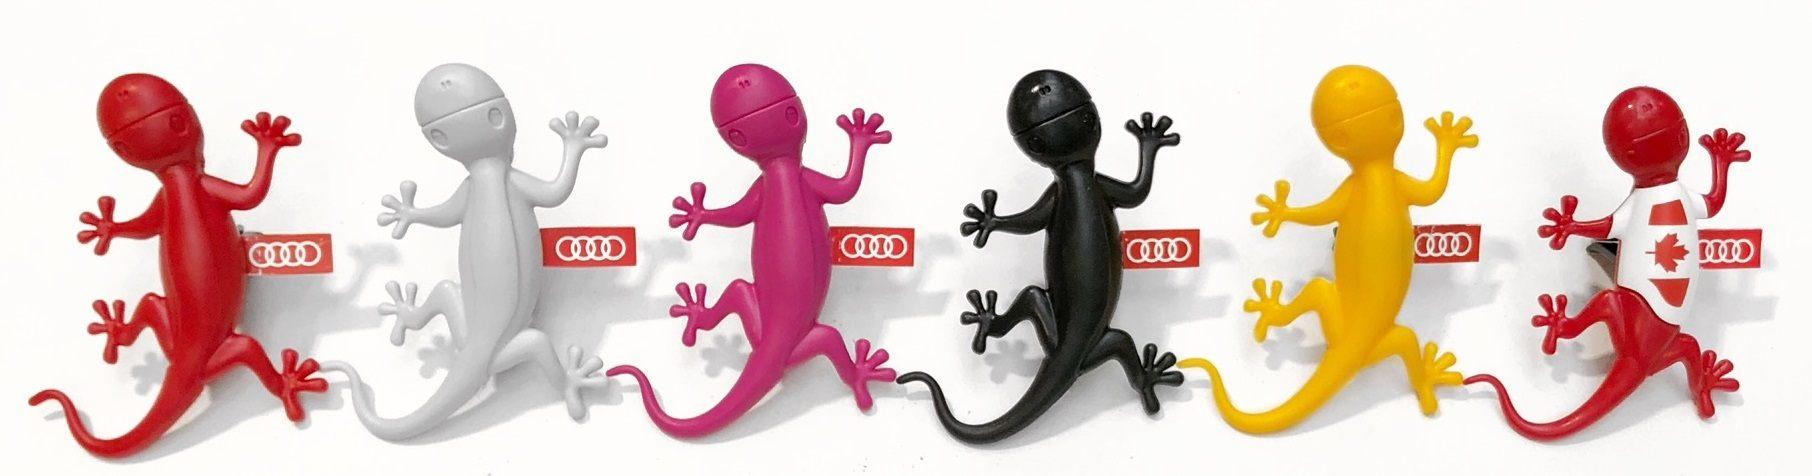 15% Off Audi Gecko Air Fresheners